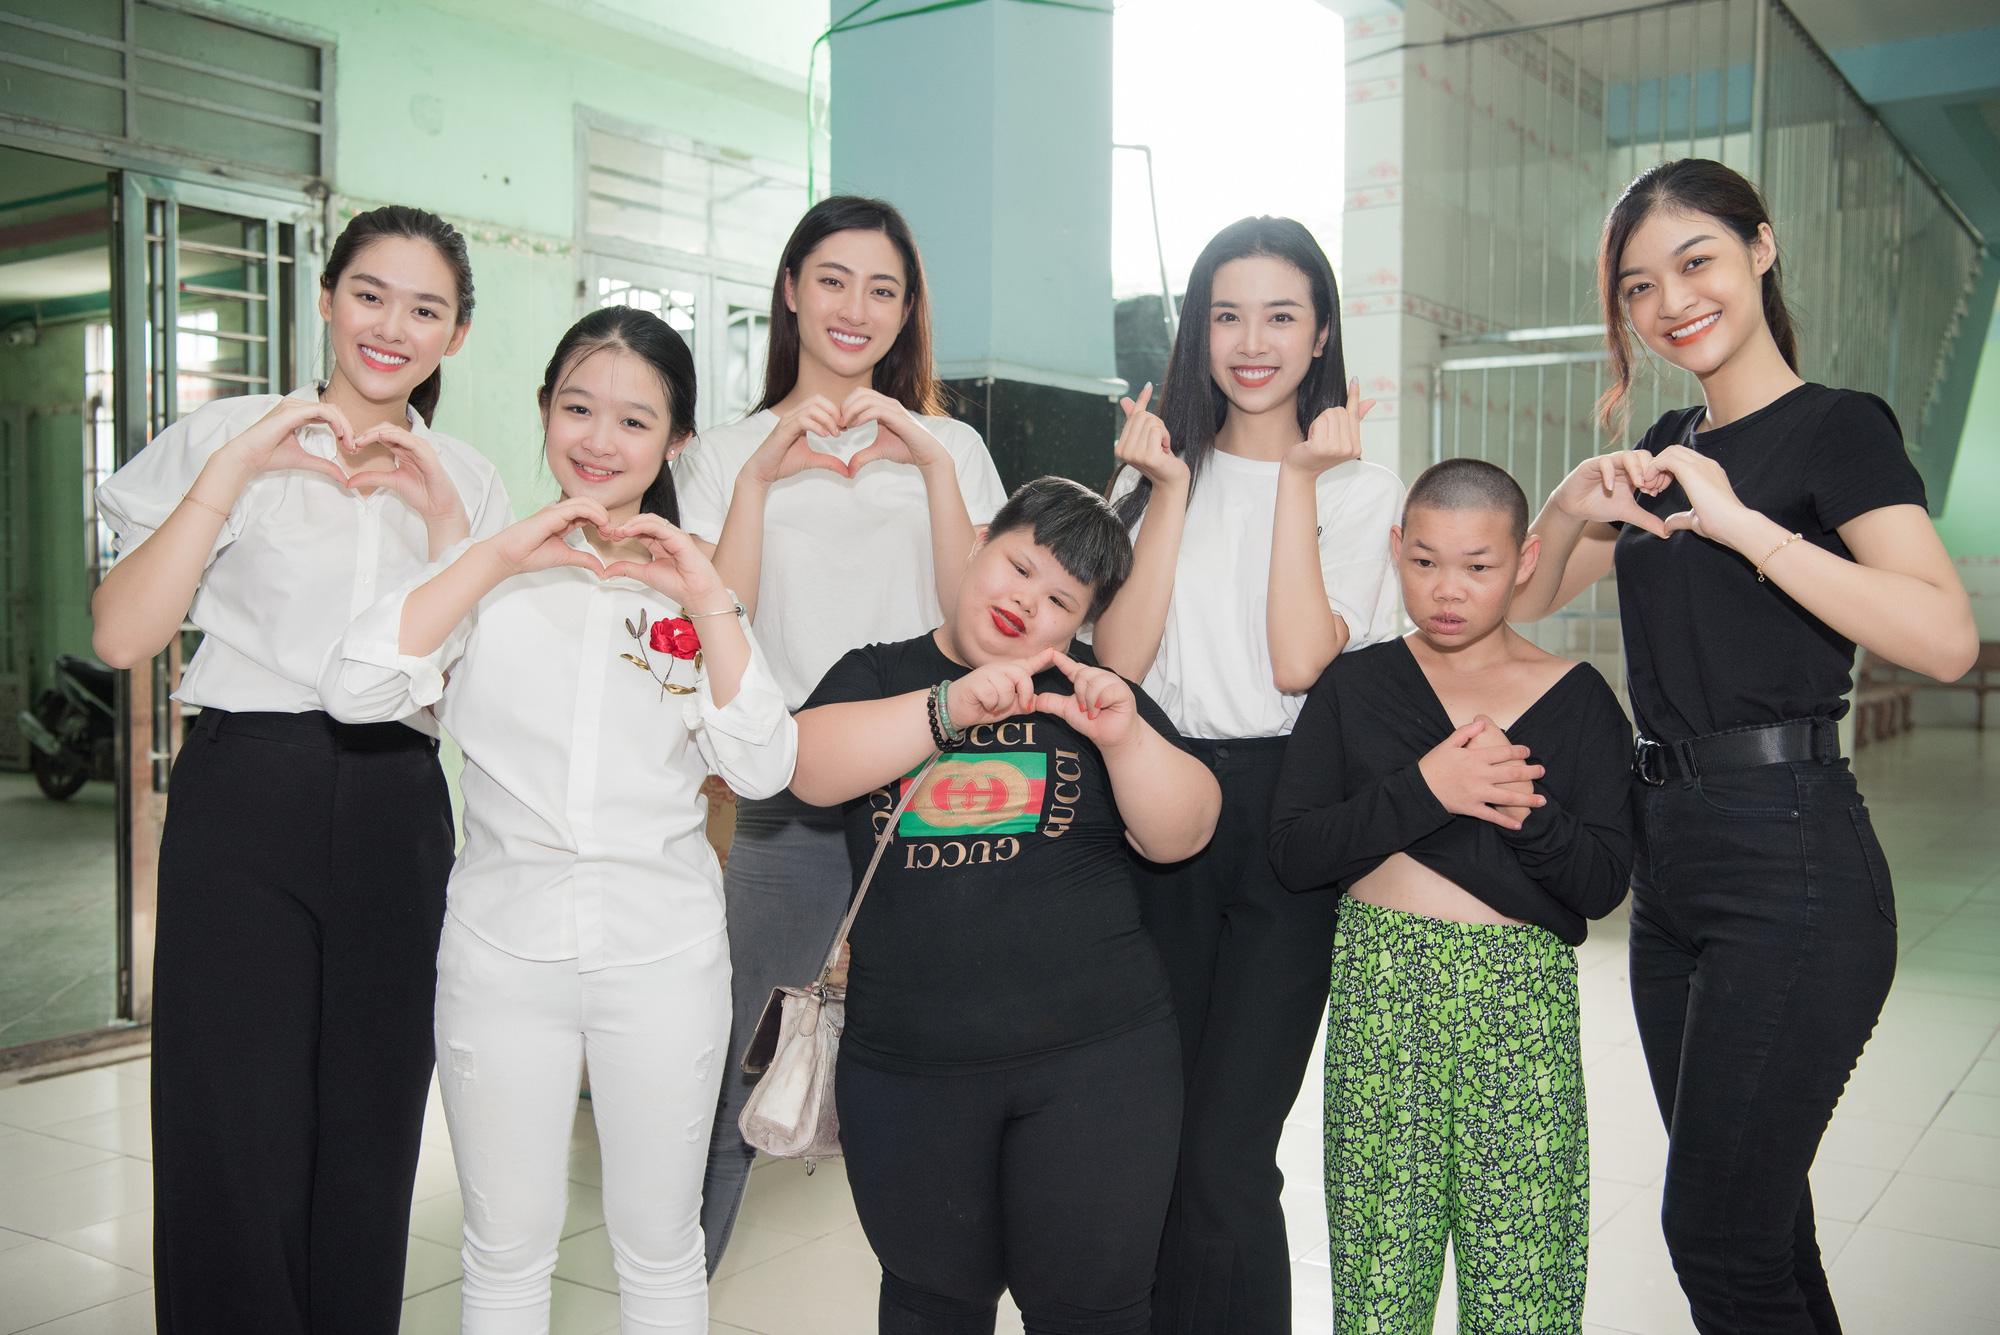 Lương Thuỳ Linh, Trần Tiểu Vy mặc giản dị xinh đẹp tặng quà cho trẻ em mồ côi ngày Quốc tế Thiếu nhi - Ảnh 11.